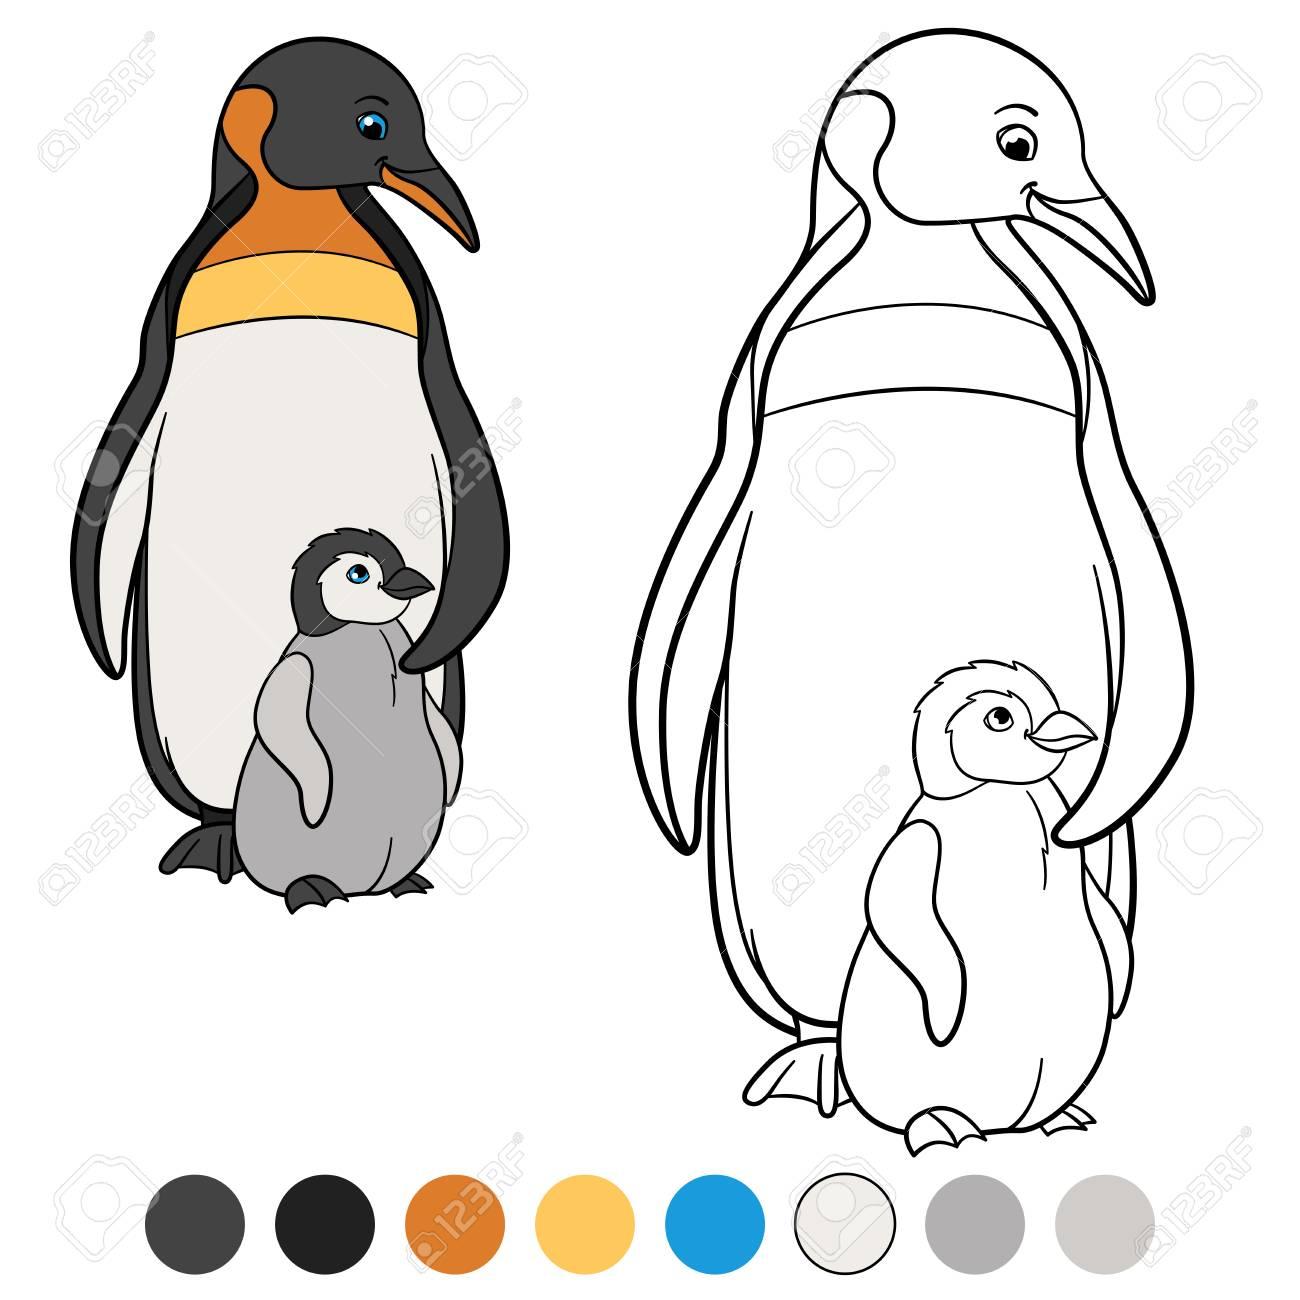 Malvorlagen. Mutter Pinguin Steht Mit Ihrem Kleinen Niedlichen Baby ...